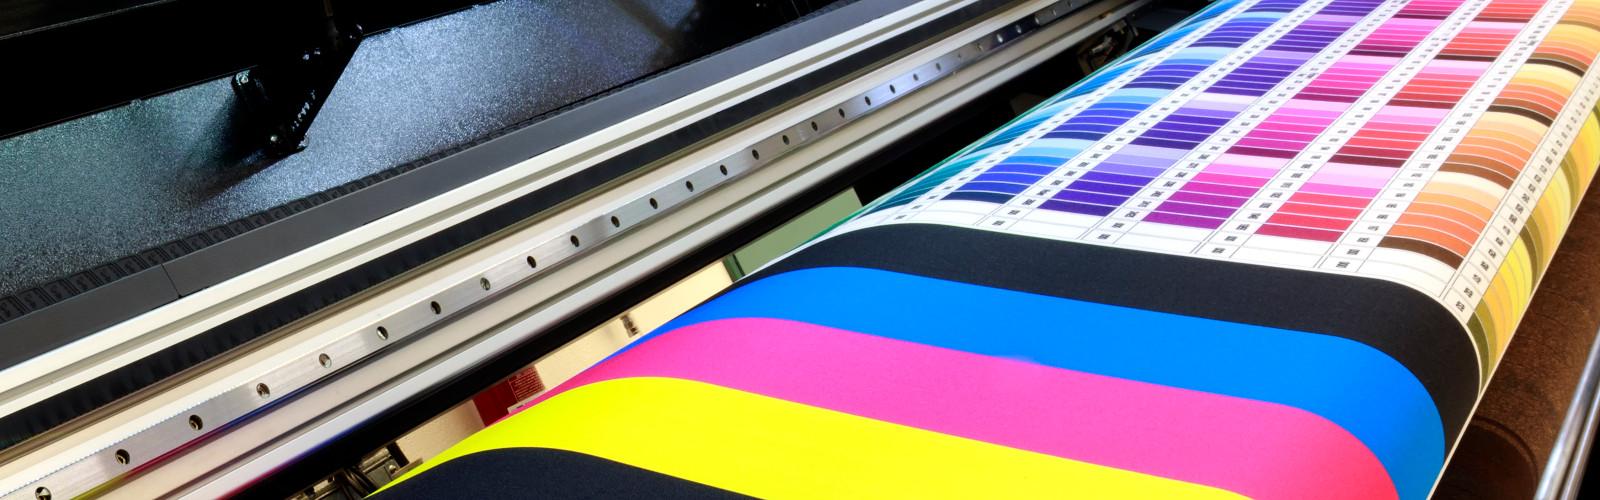 Textile printer no calander needed